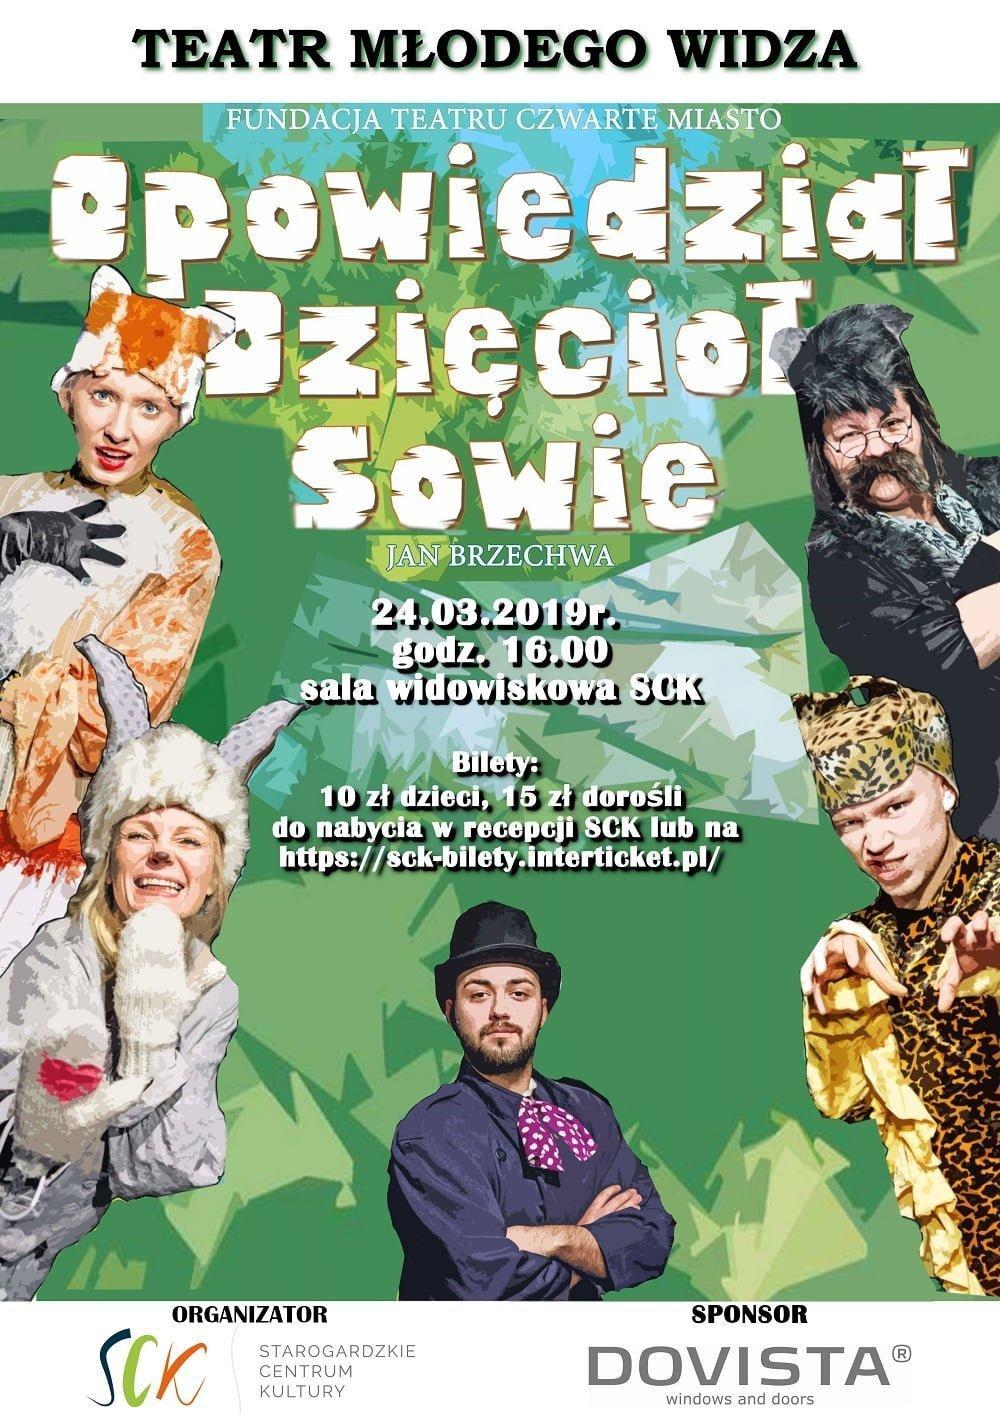 Teatr Młodego Widza - Opowiedział Dzięcioł Sowie